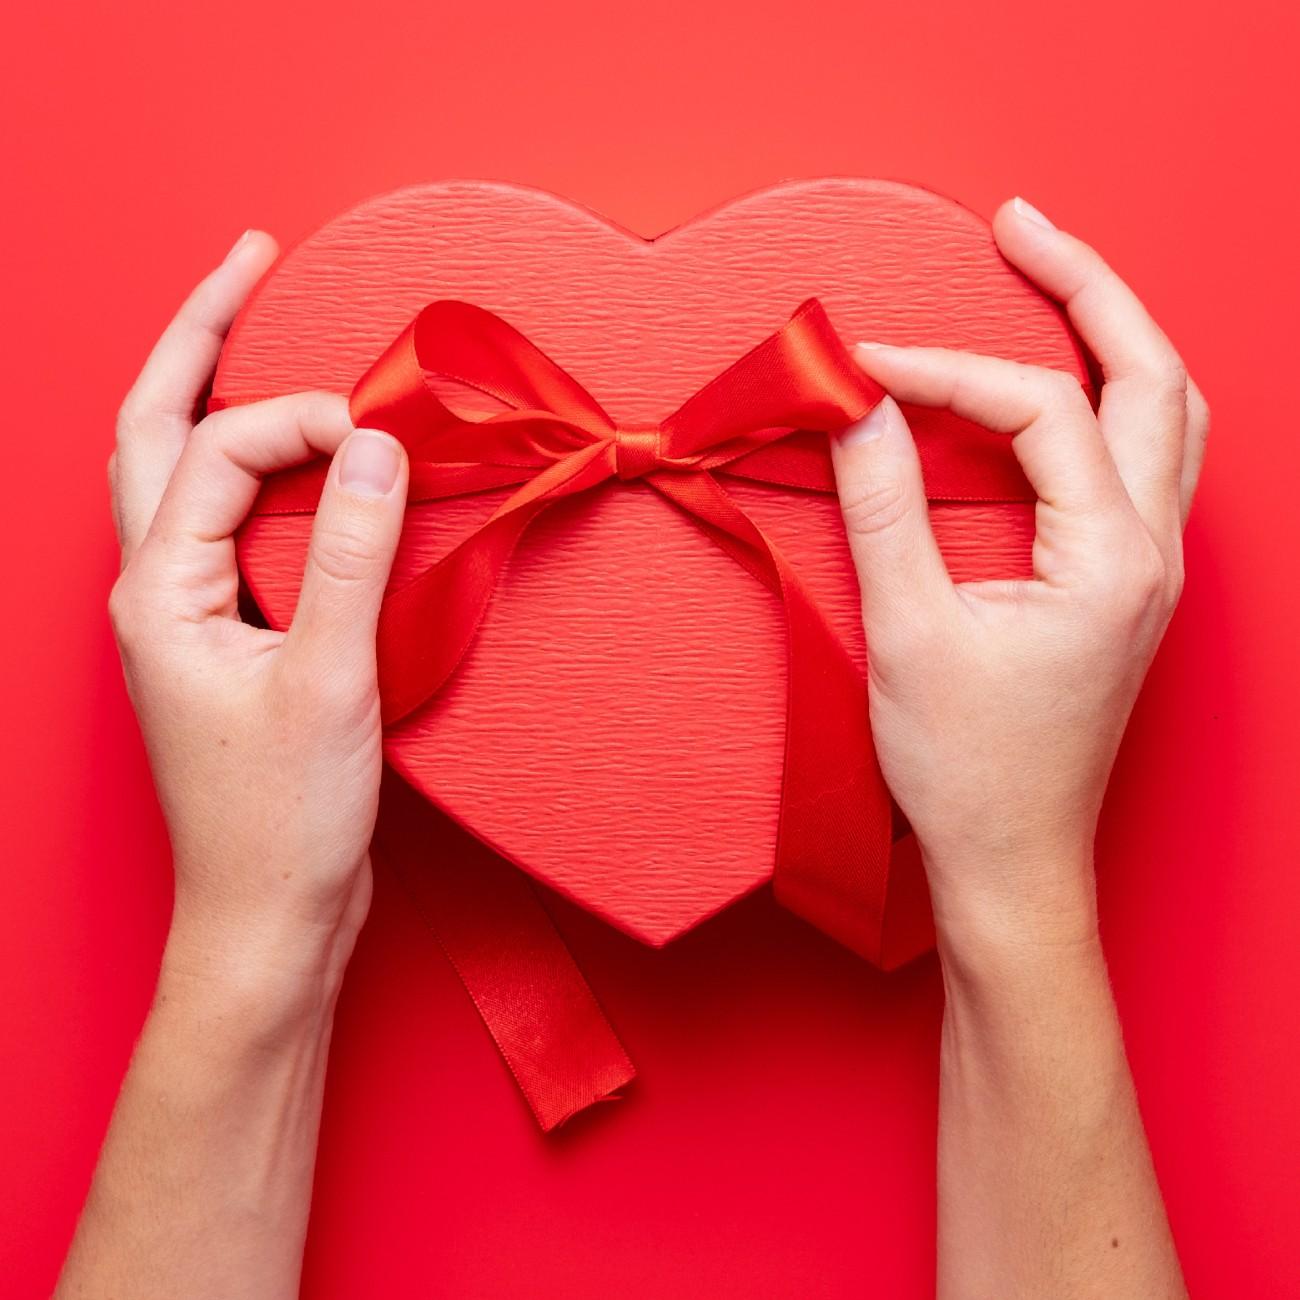 Regali di coppia per San Valentino: mani femminili confezionano un pacchetto a forma di cuore